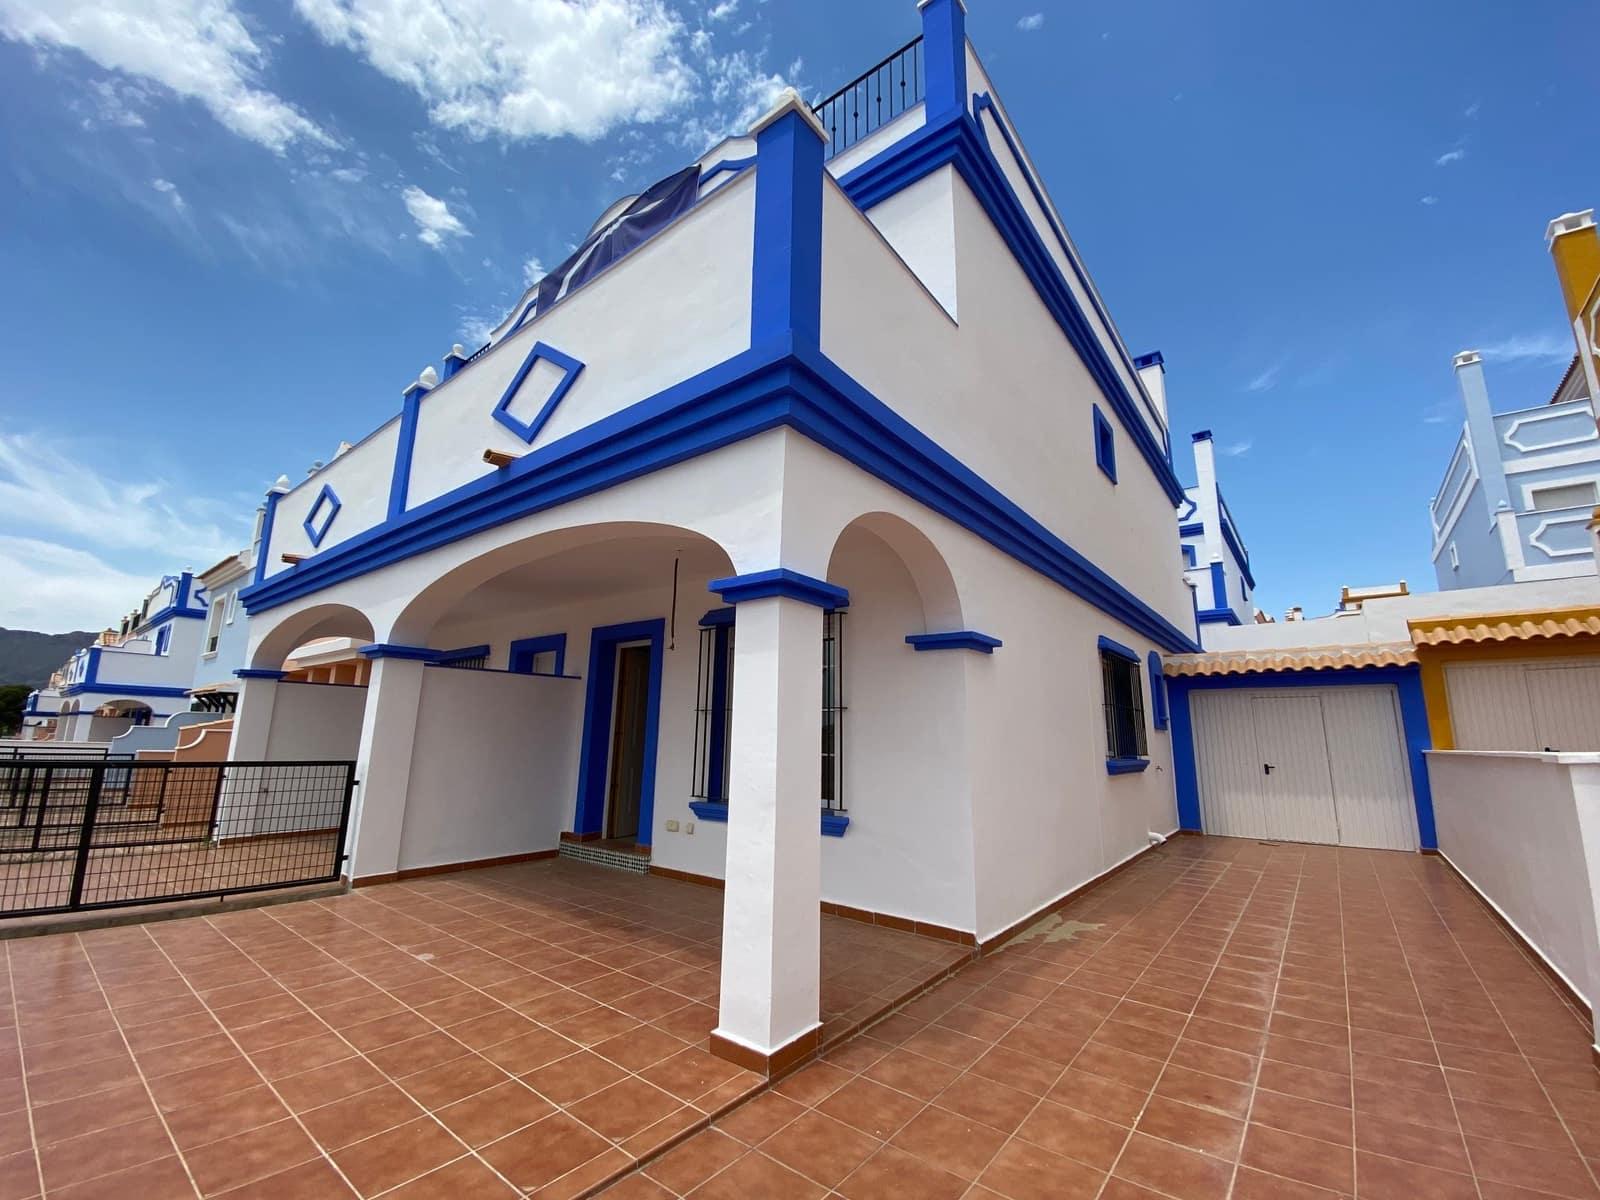 3 makuuhuone Huvila myytävänä paikassa San Juan de los Terreros mukana uima-altaan  autotalli - 148 420 € (Ref: 5601349)